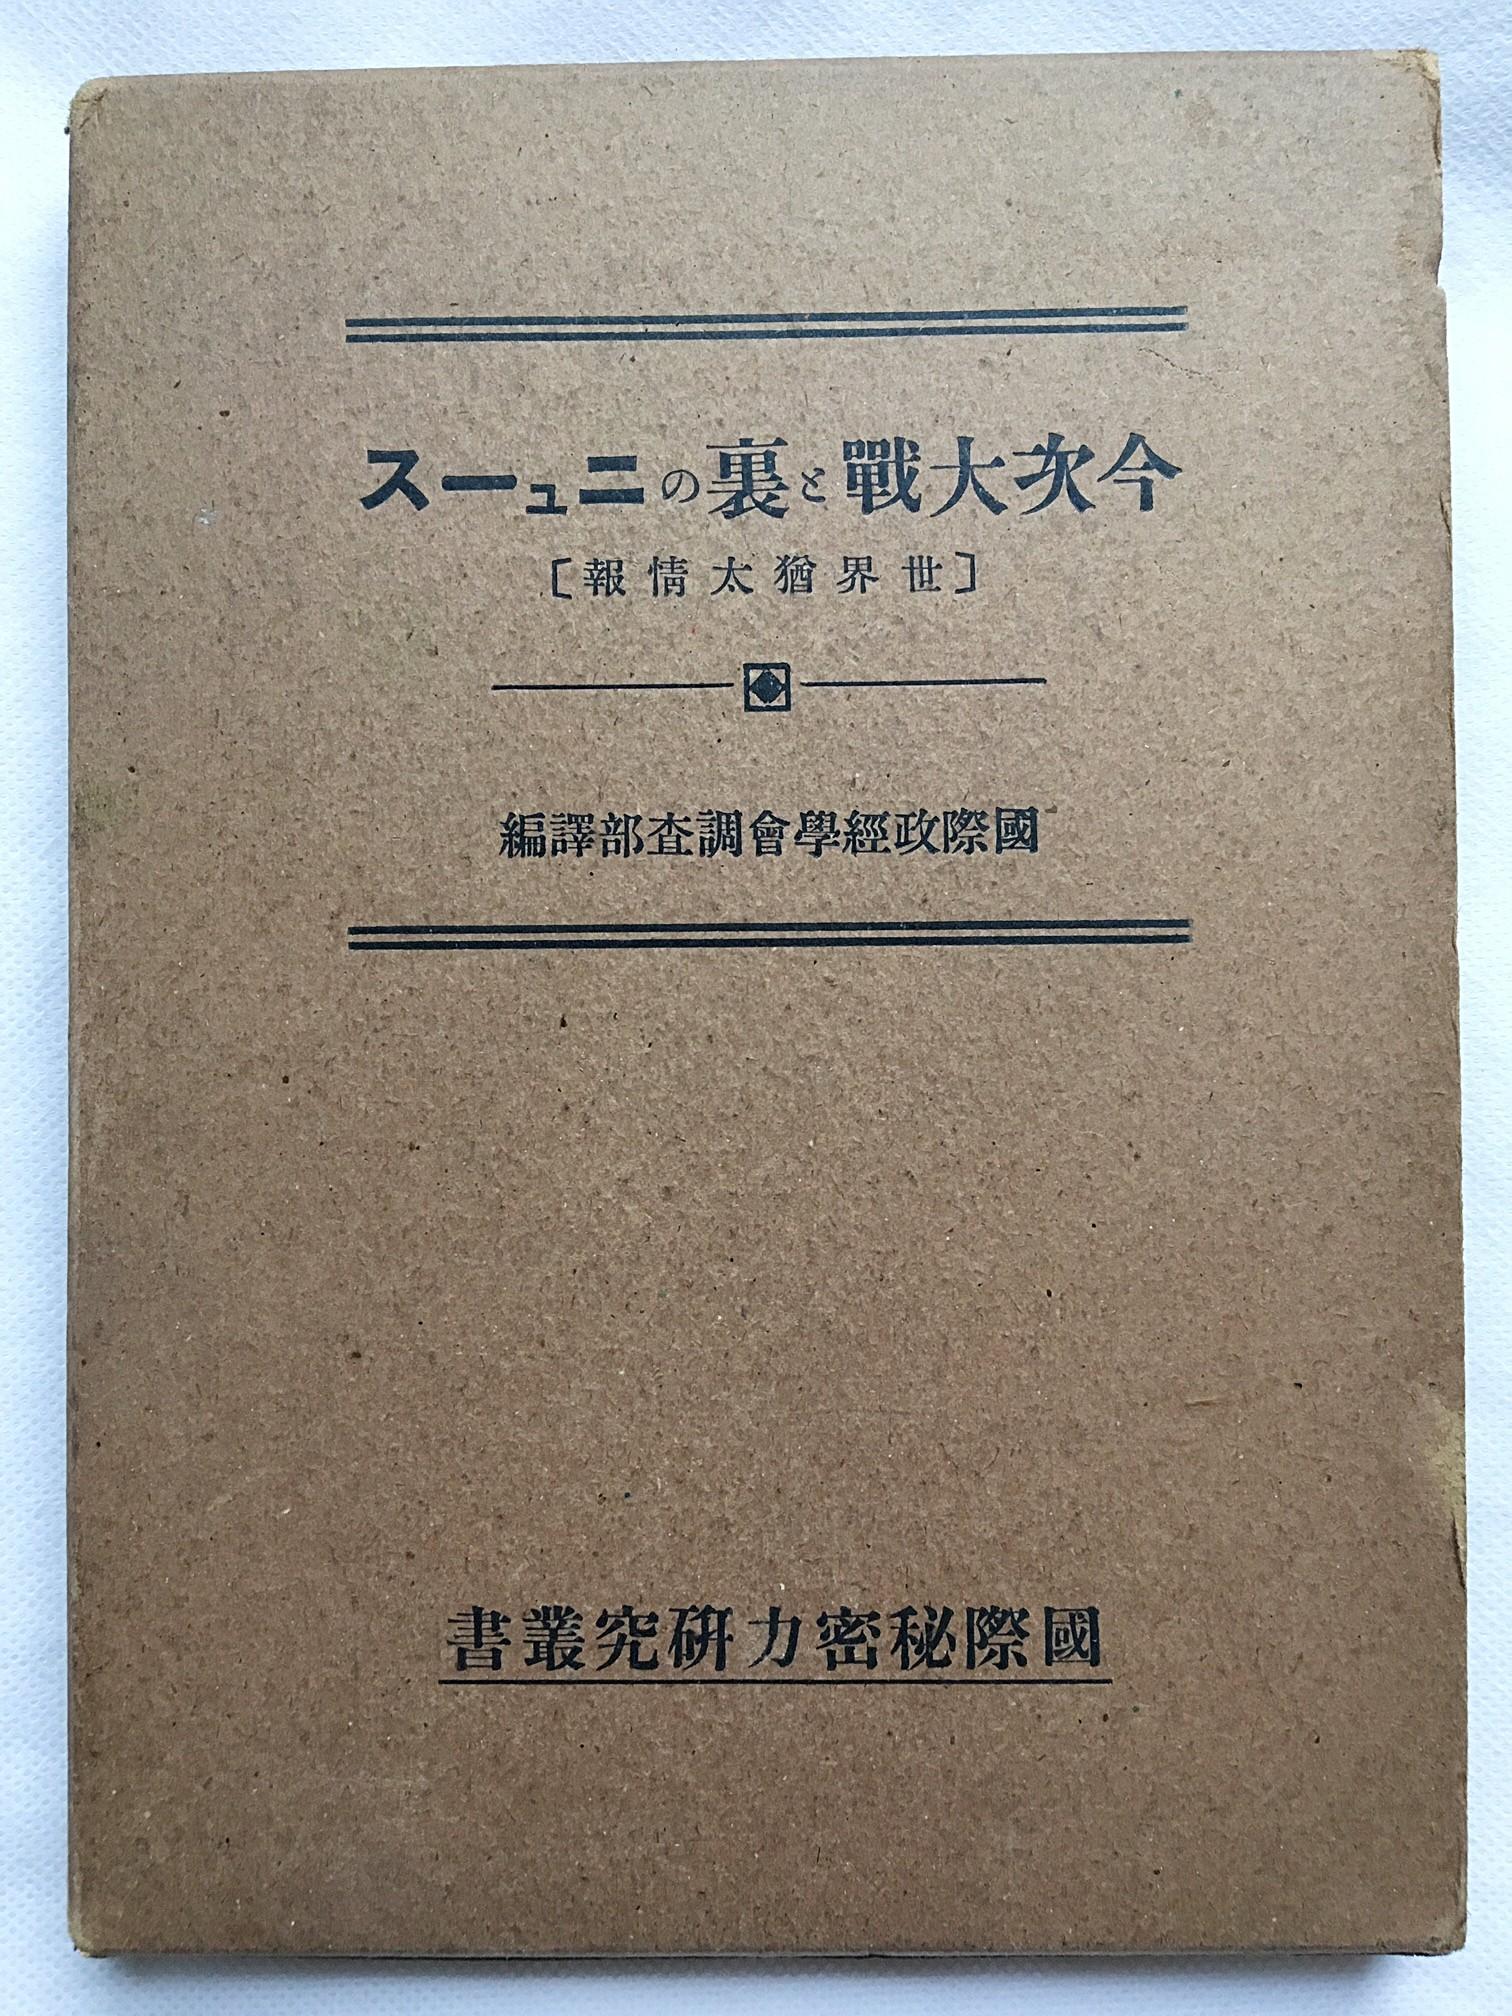 【新着】国際政経学会刊 戦前のユダヤ陰謀論、フリーメイソン研究書が入荷しました。